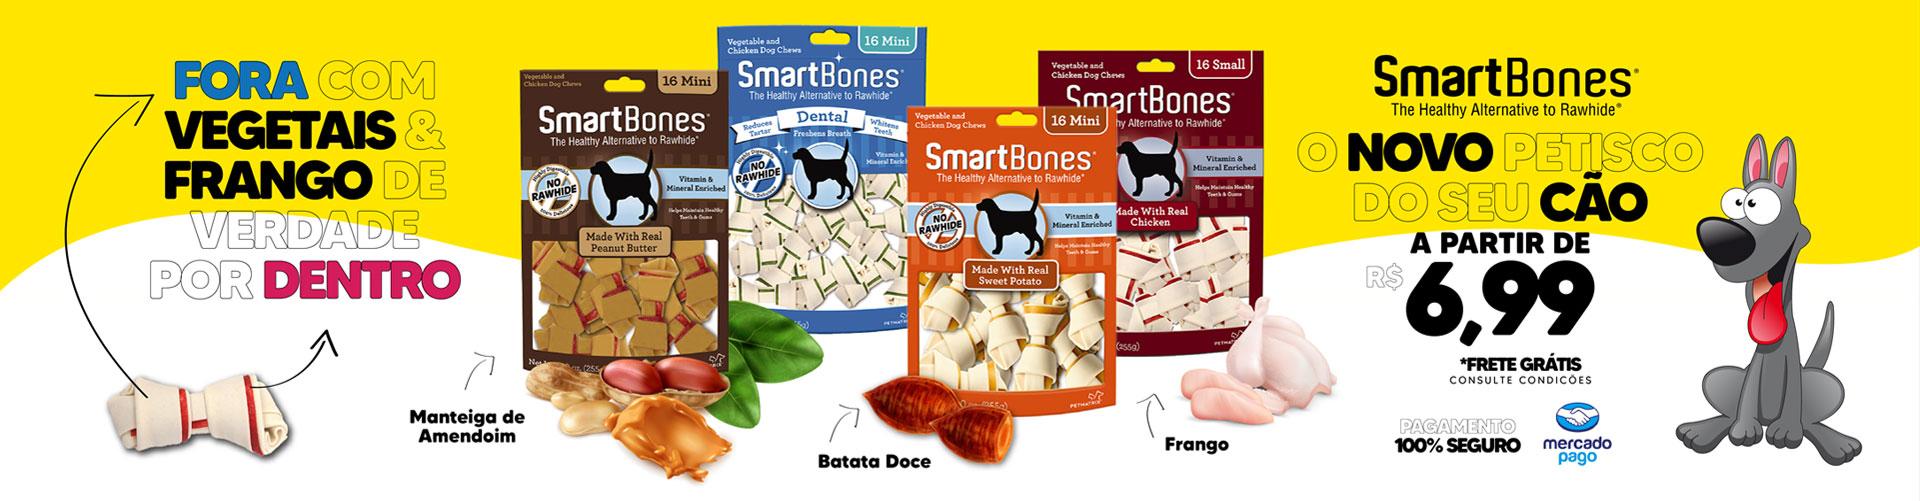 SmartBones - Petisco para Cães